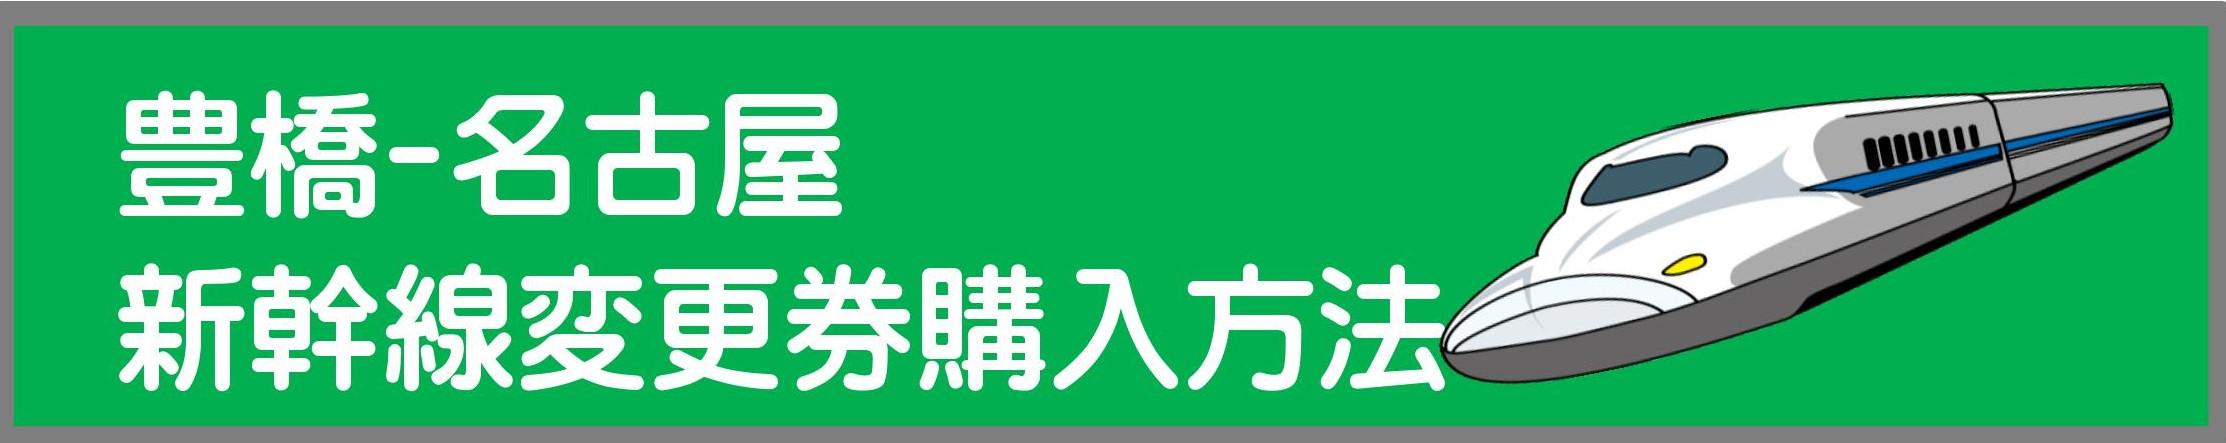 金券ショップフリーチケット豊橋西駅・新幹線変更券購入方法